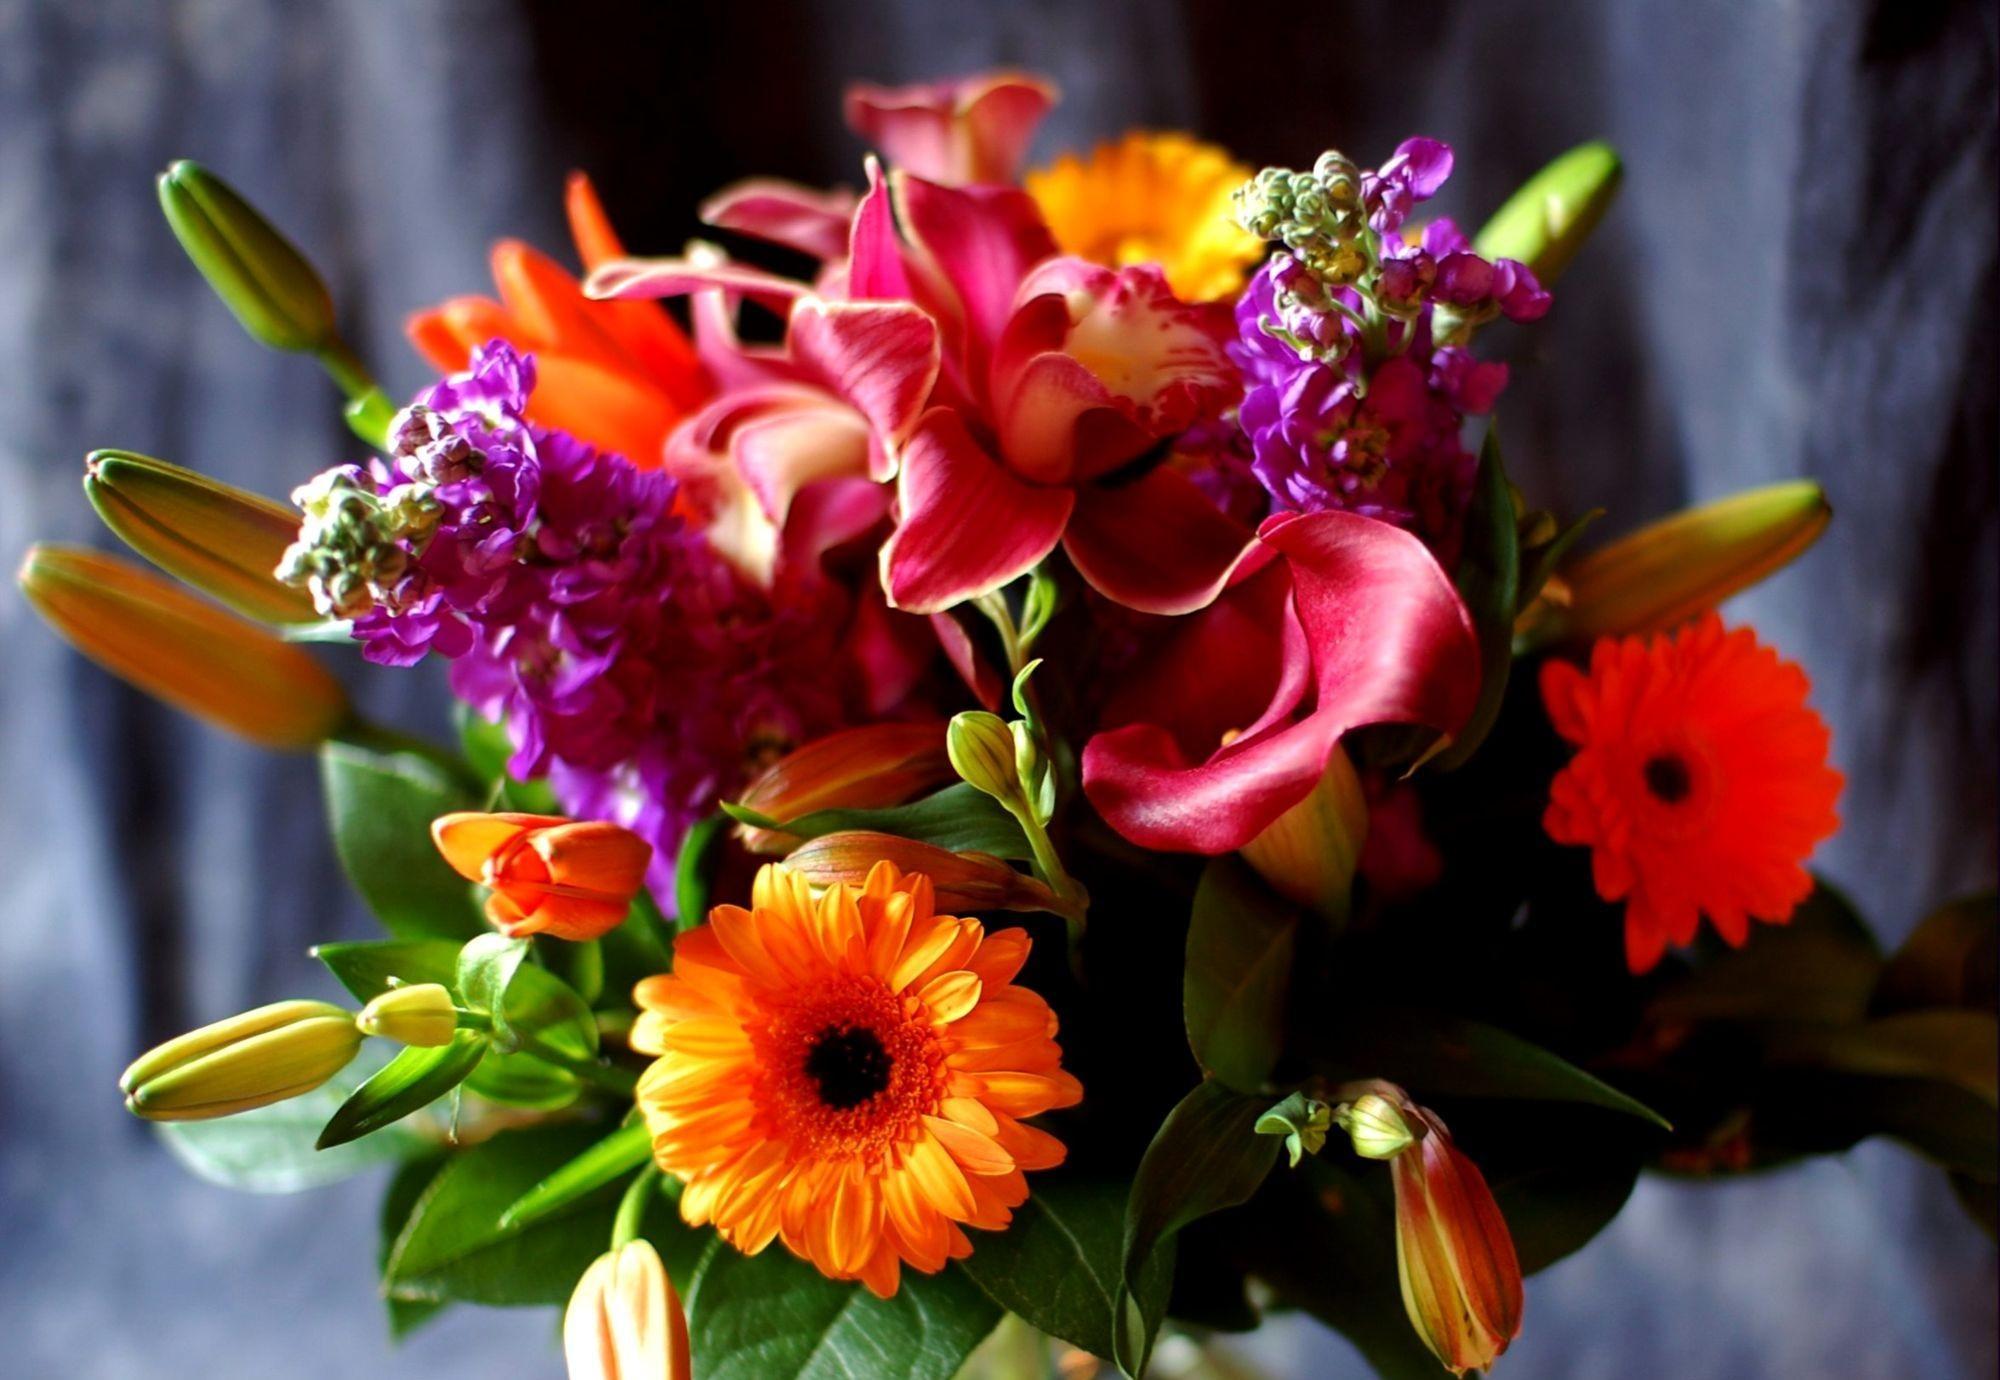 71753 скачать обои Цветы, Каллы, Лилии, Букет, Оформление, Крупный План, Герберы - заставки и картинки бесплатно